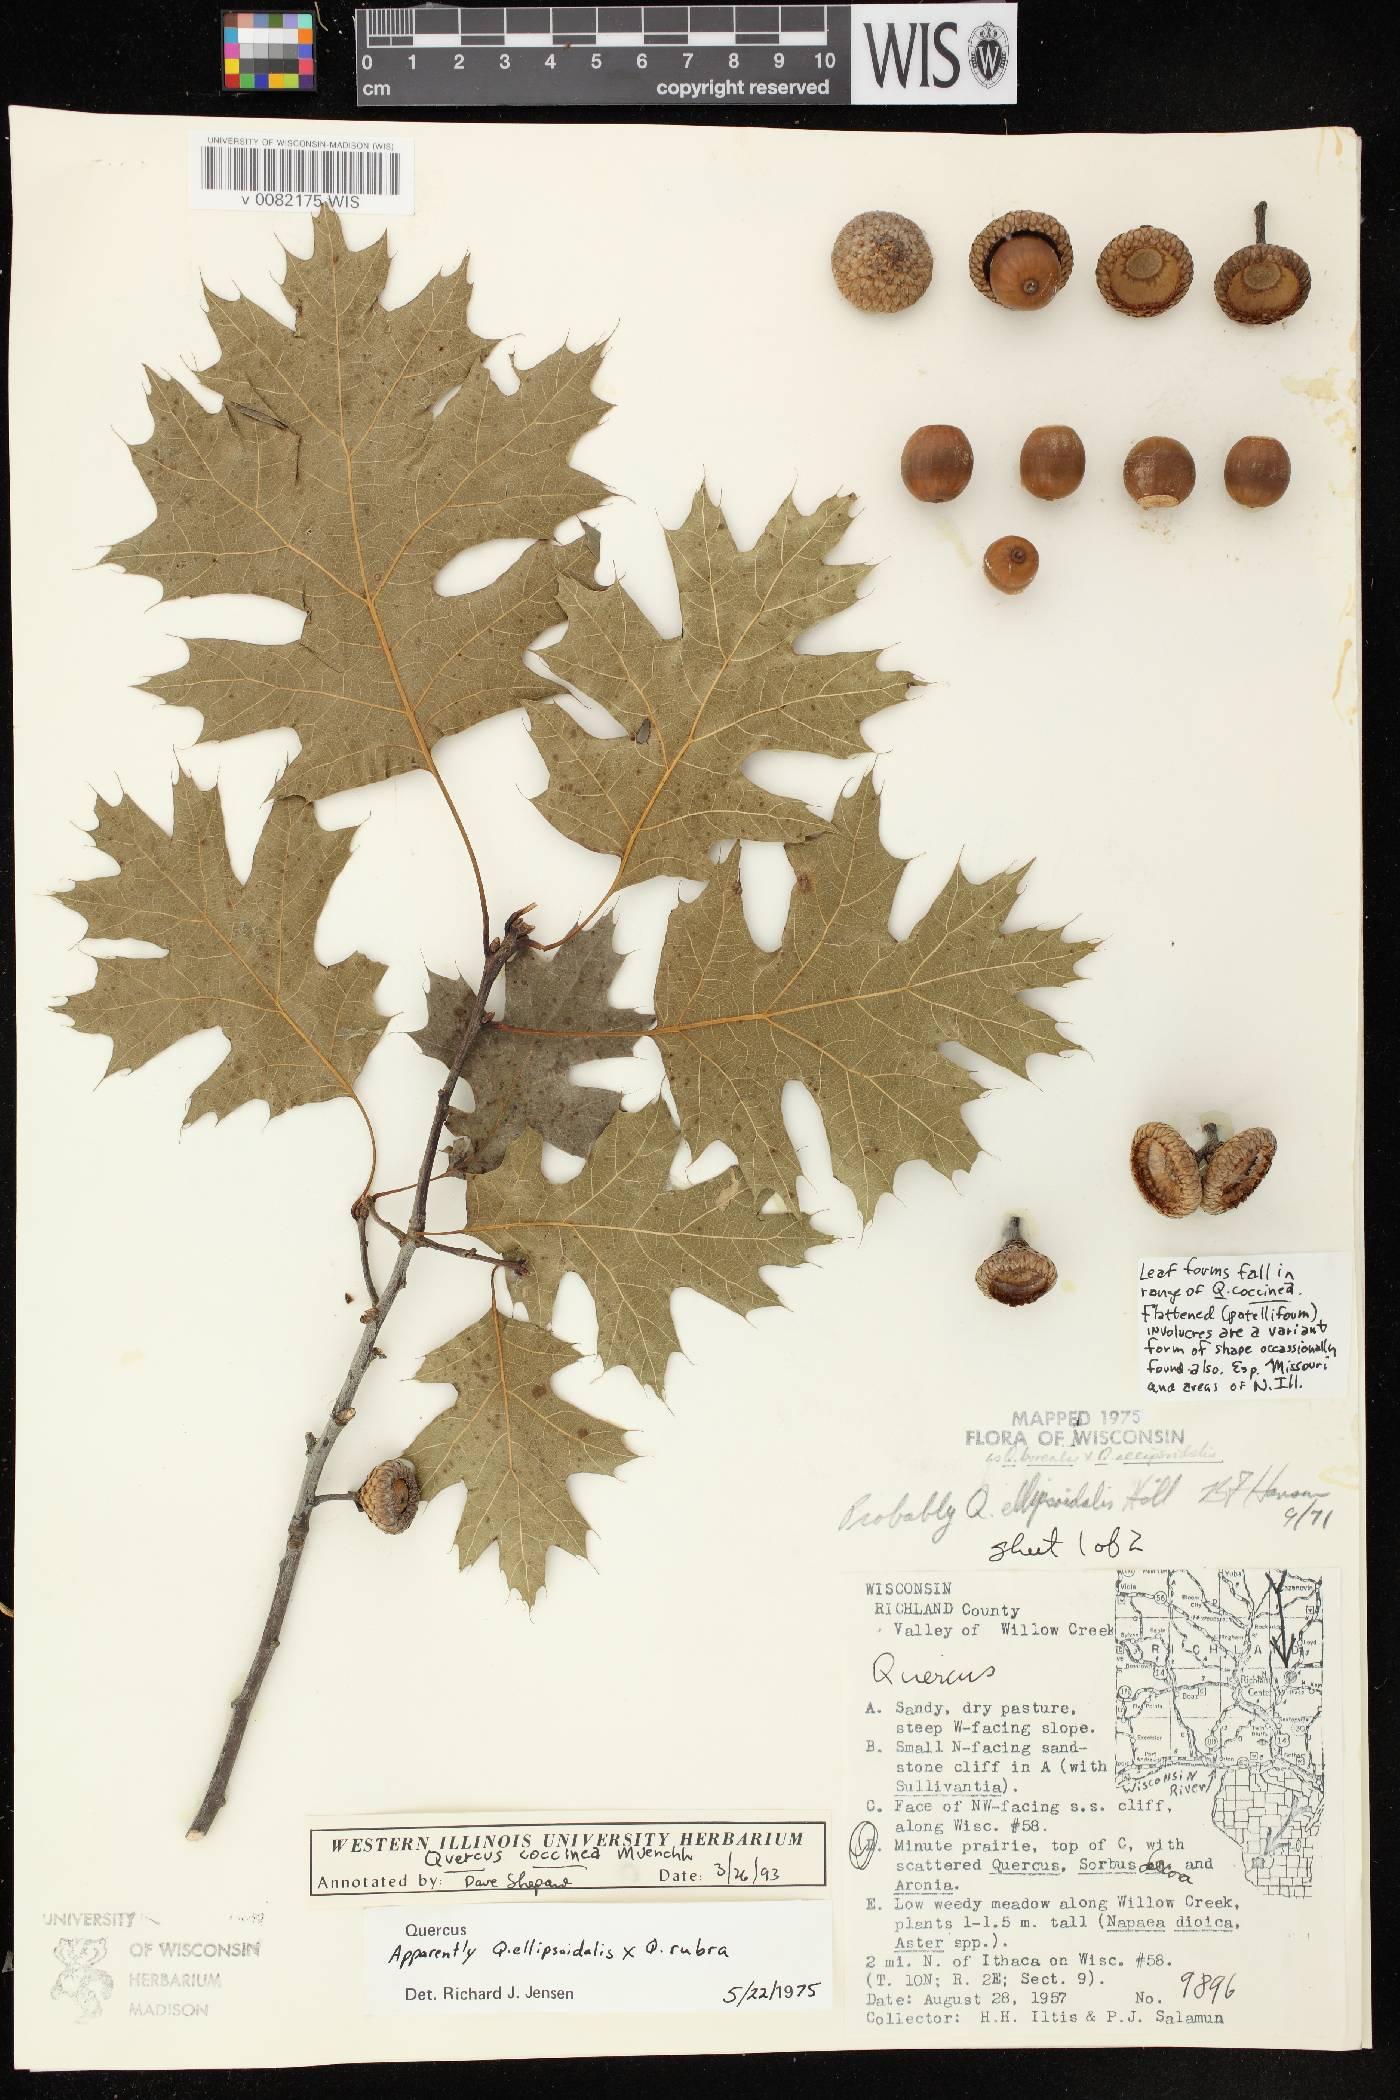 Quercus ellipsoidalis X Q. rubra image